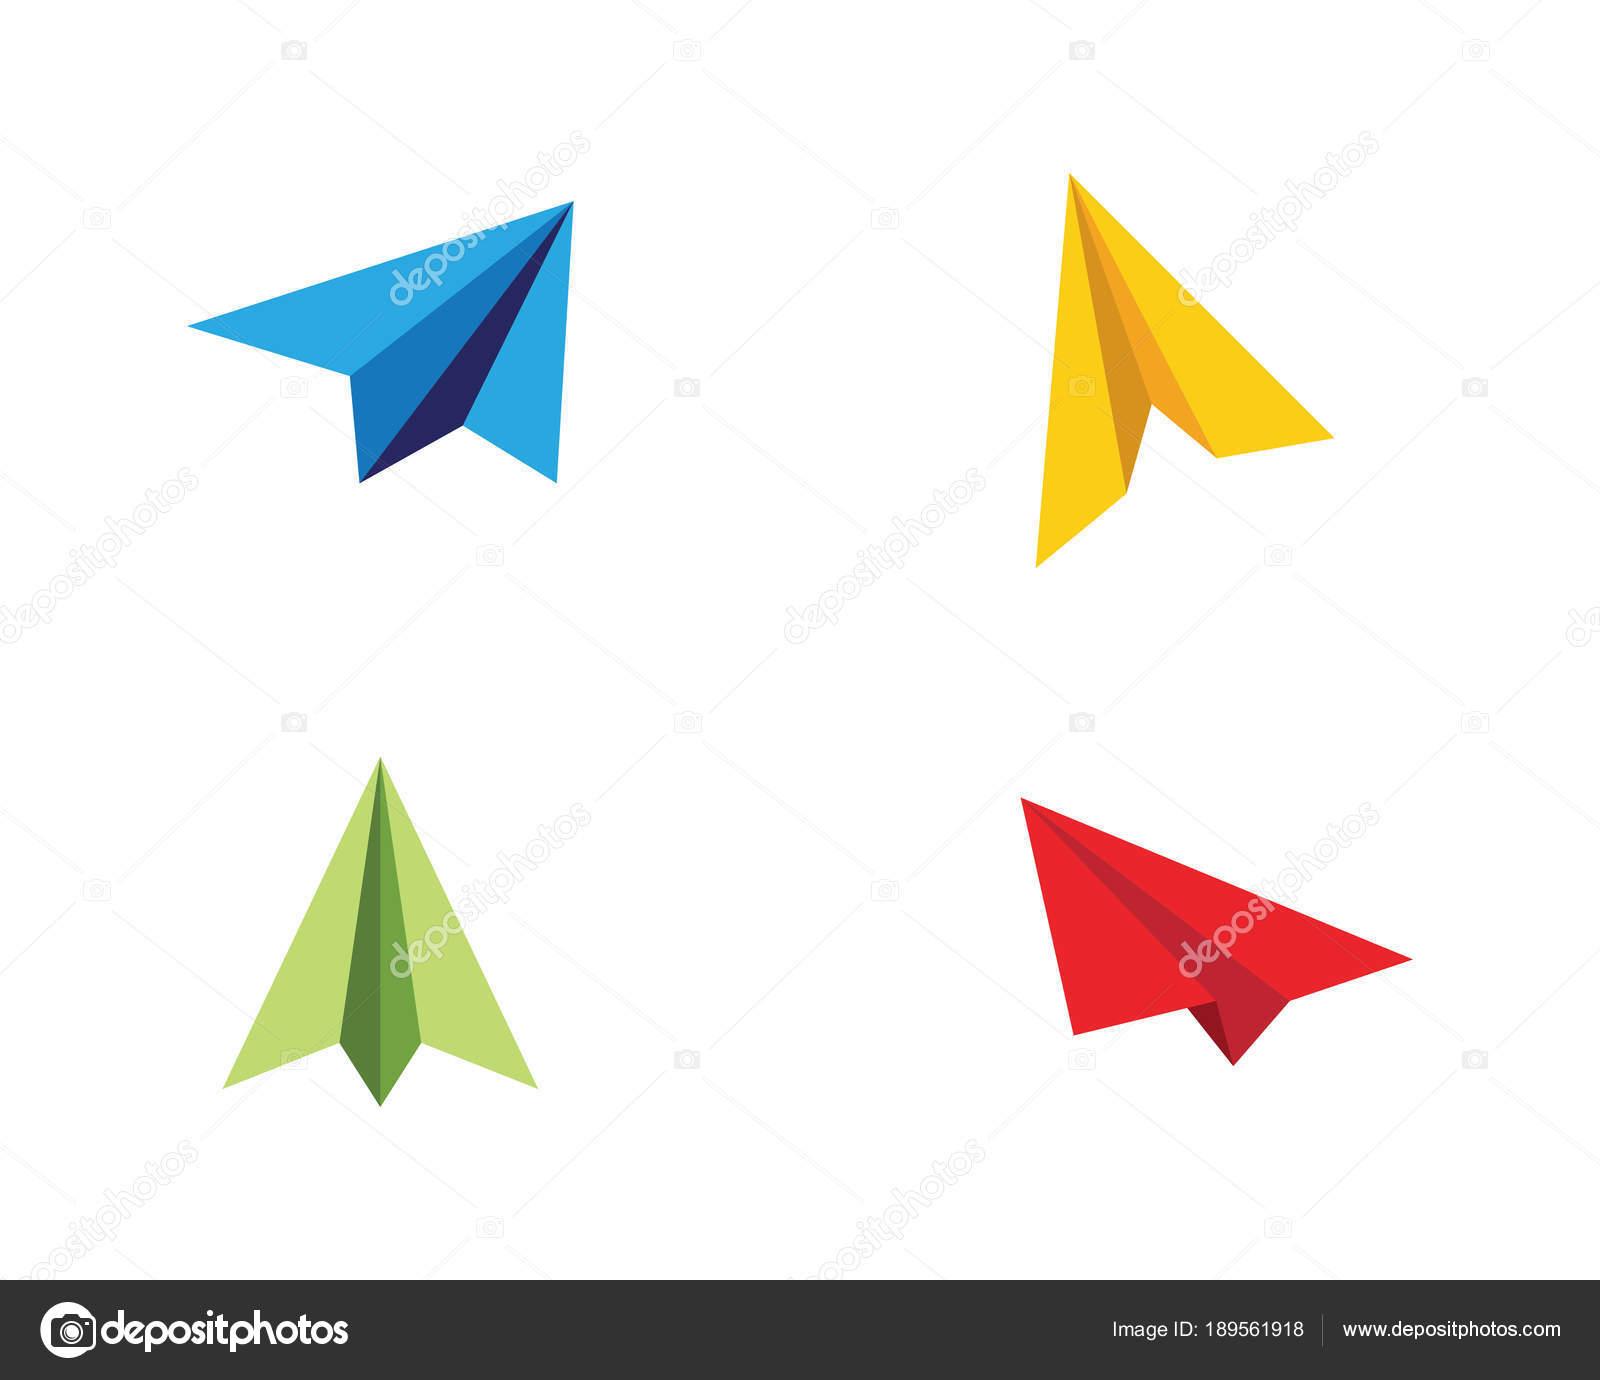 Ziemlich Einfache Papierflugzeug Vorlagen Galerie - Entry Level ...